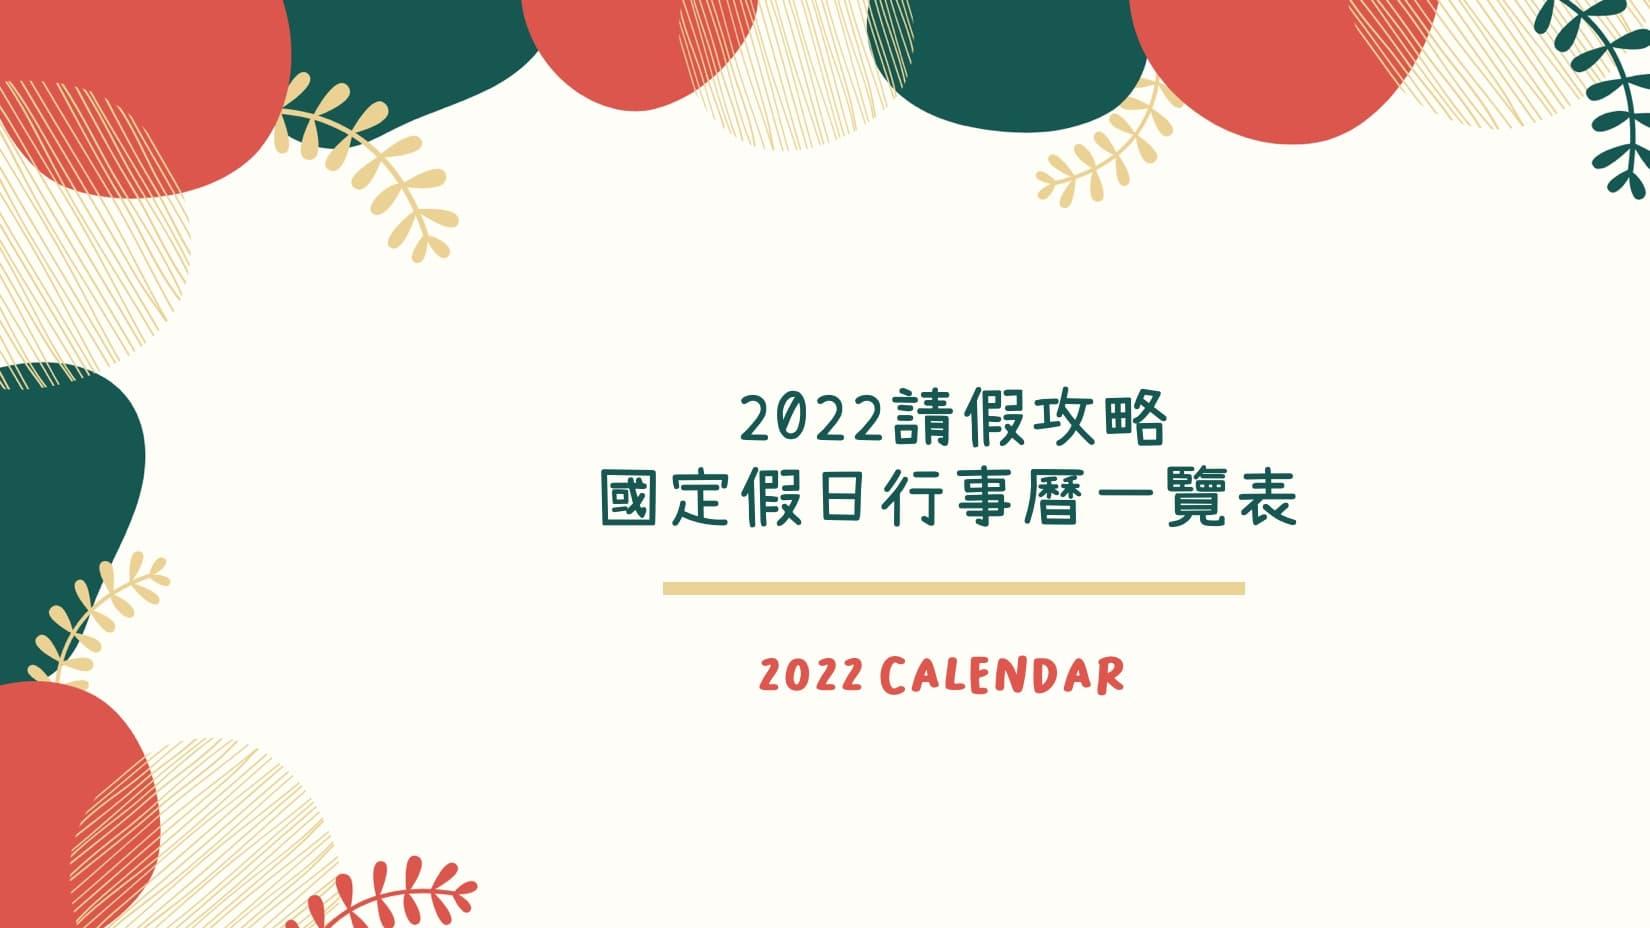 2022行事曆請假攻略